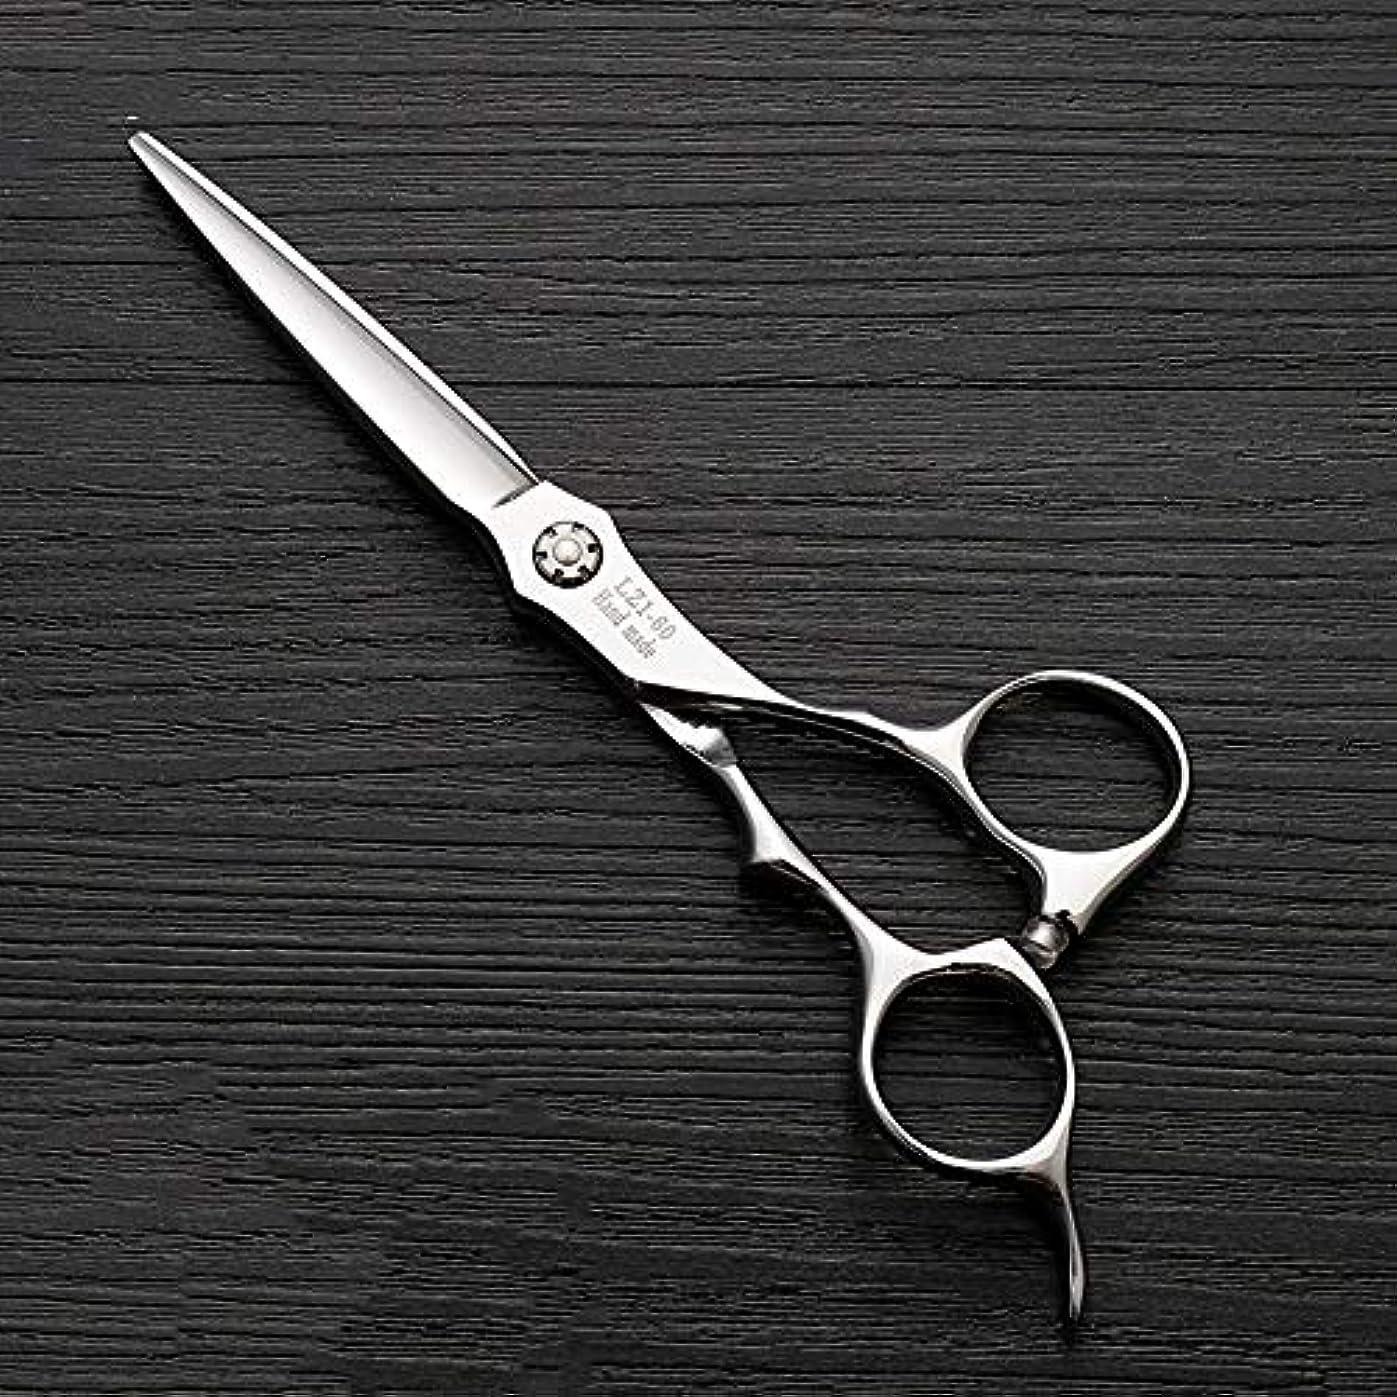 十億させるカーペット6インチハイエンド理髪師理髪用はさみ ヘアケア (色 : Silver)